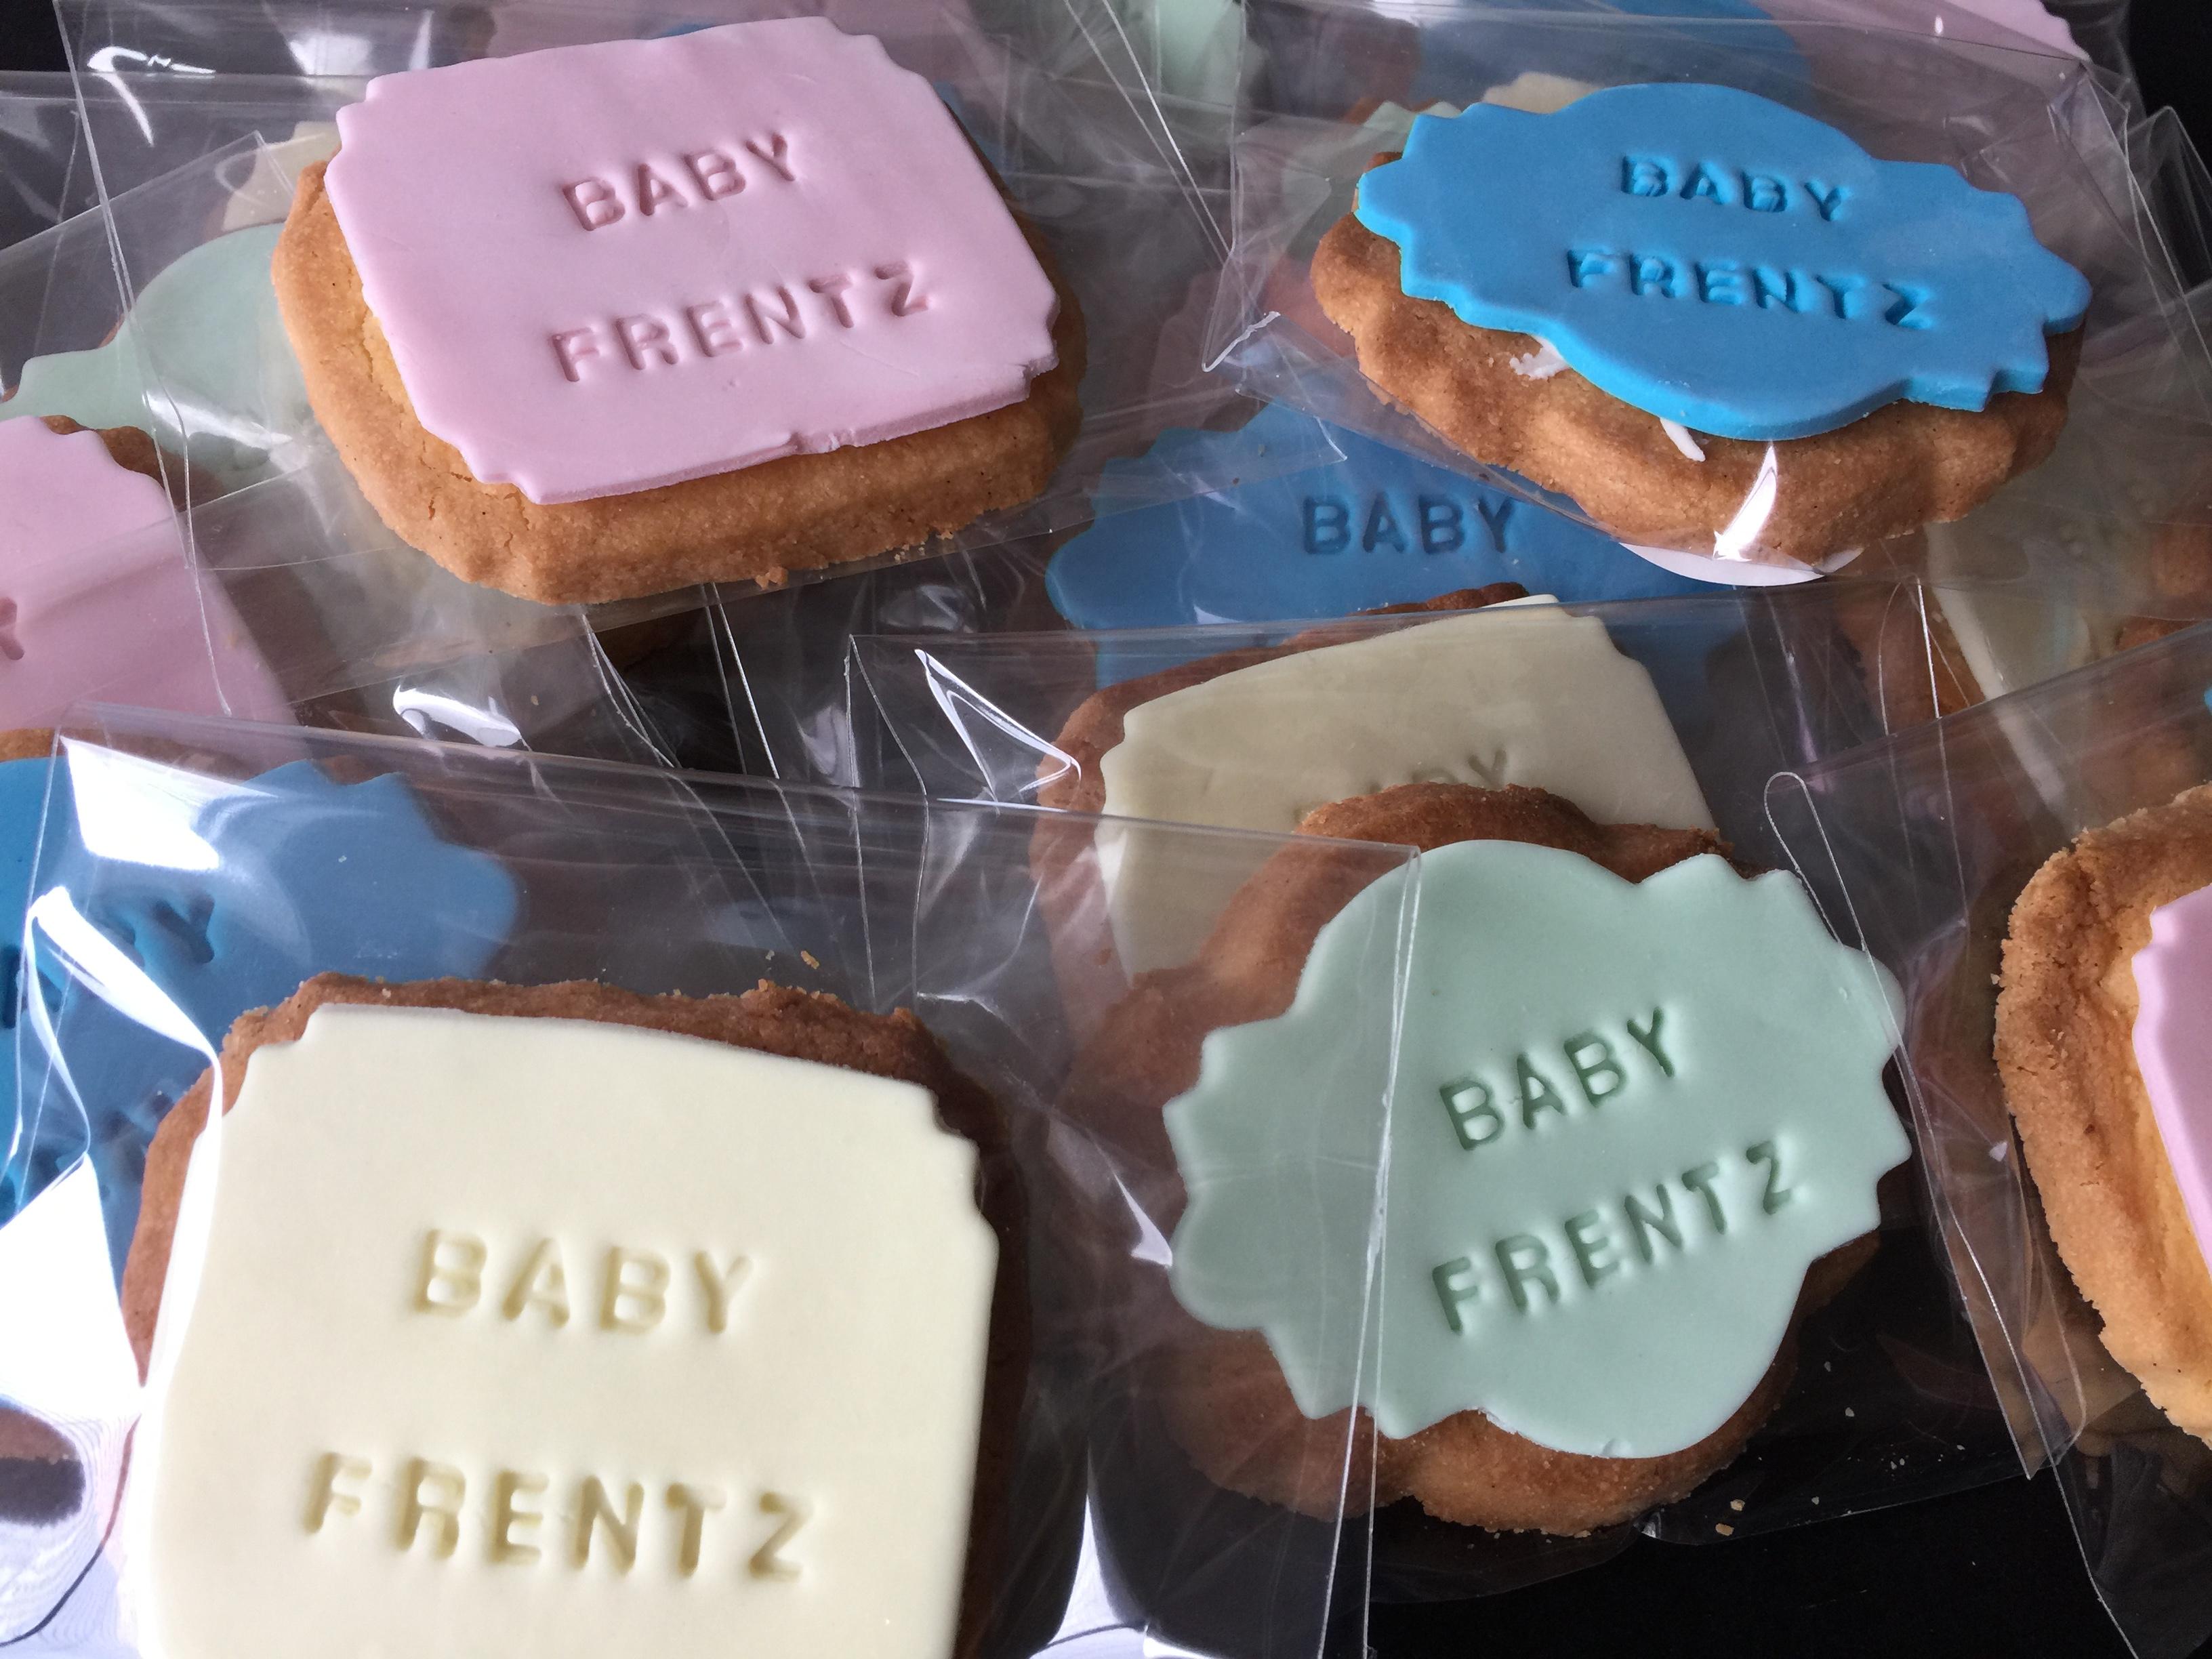 Baby Frentz